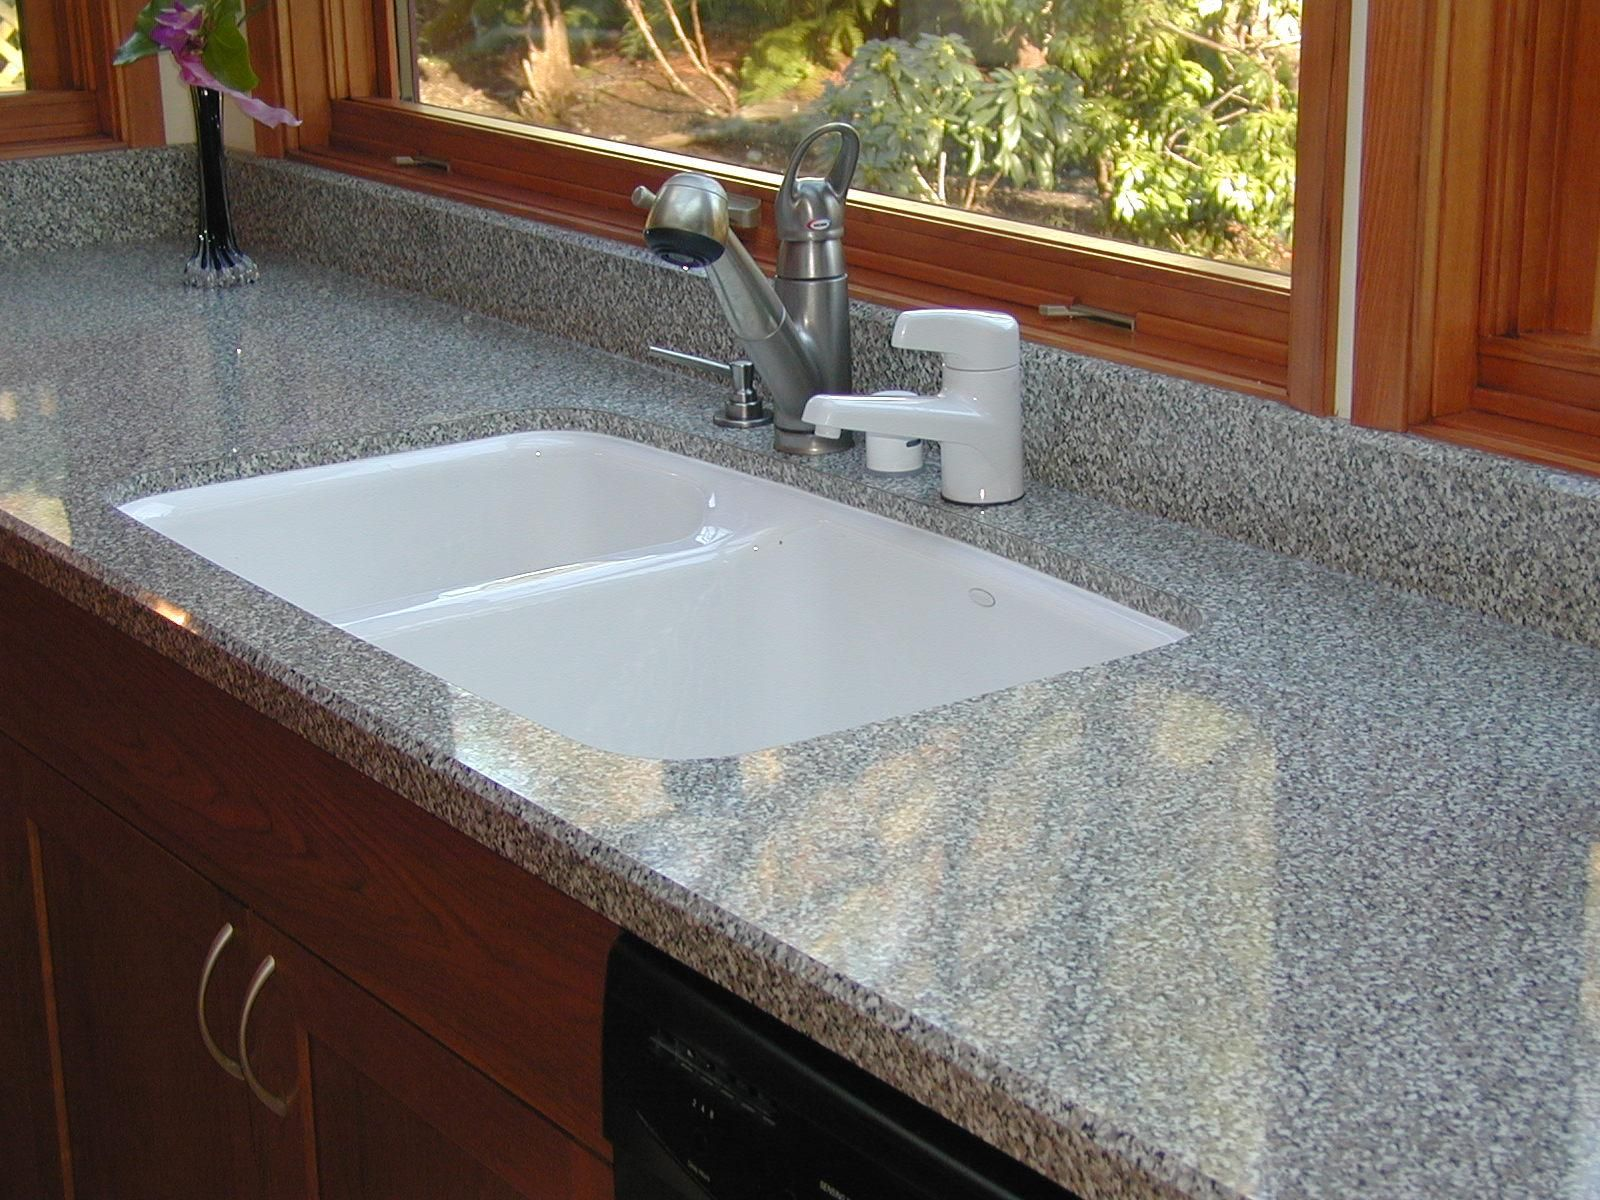 The Undermount Kitchen Sinks Undermount Kitchen Sinks White